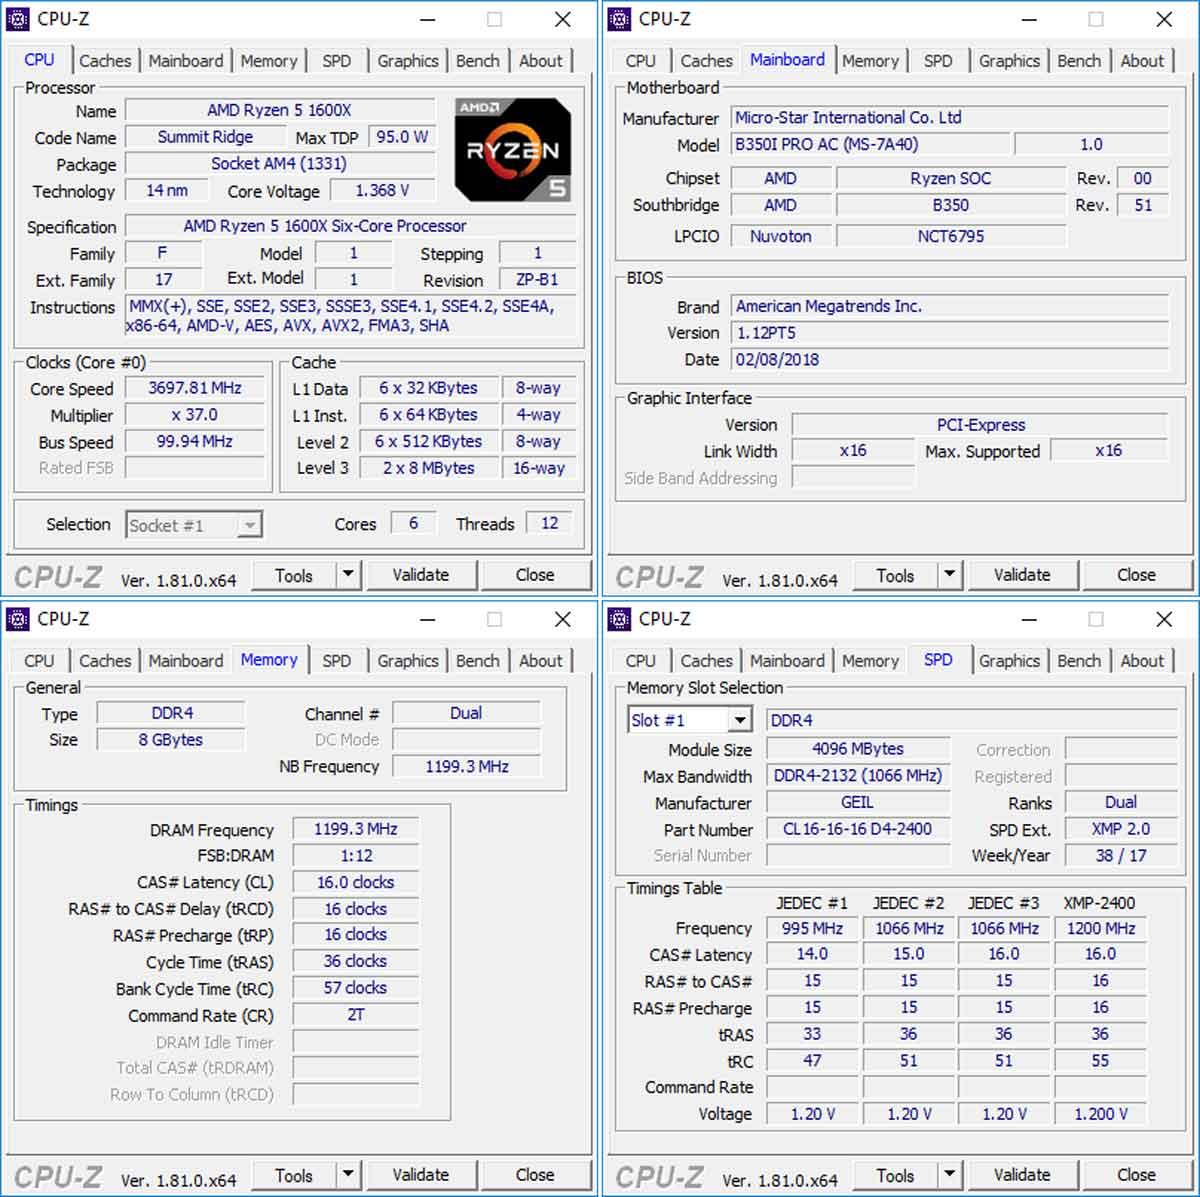 GEIL-Super-Luce-RGB-Sync-2400MHZ-DDR4